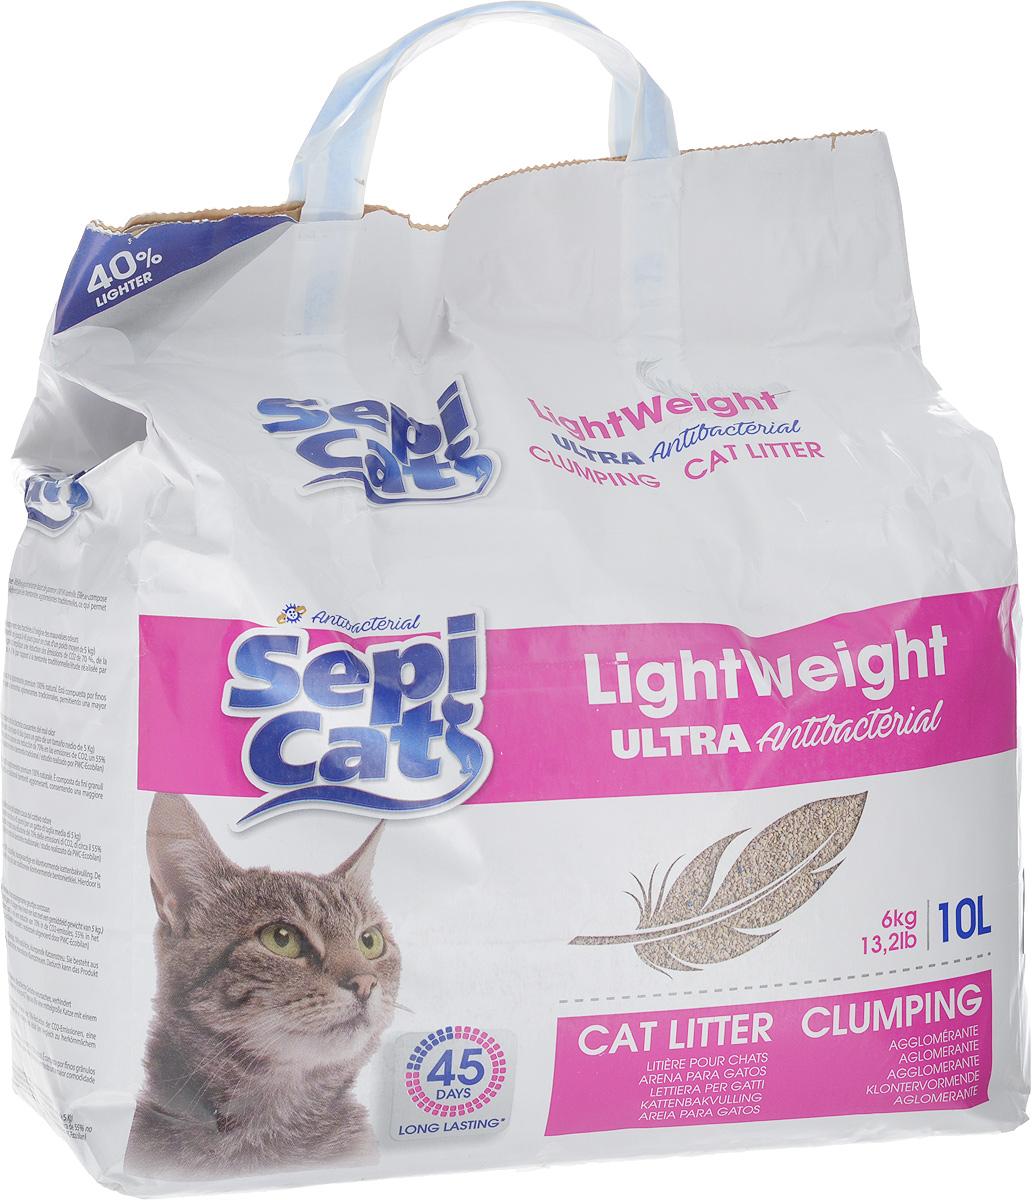 Наполнитель для кошачьих туалетов SepiCat Антибактериальный, комкующийся, облегченный, ультра, 10 л0120710Комплектующий наполнитель для кошачьих туалетов SepiCat Антибактериальный состоит из мелкозернистых суперадсорбирующих глиняных гранул, которые на 40% легче традиционных комкующихся бентонитов, что облегчает уход и использование продукта.Преимущества наполнителя SepiCat Антибактериальный:- прекрасно комкуется,- очень экономно расходуется,- содержит сильный бактерицидный агент, препятствующий росту бактерий, которые вызывают появление неприятного запаха.Товар сертифицирован.